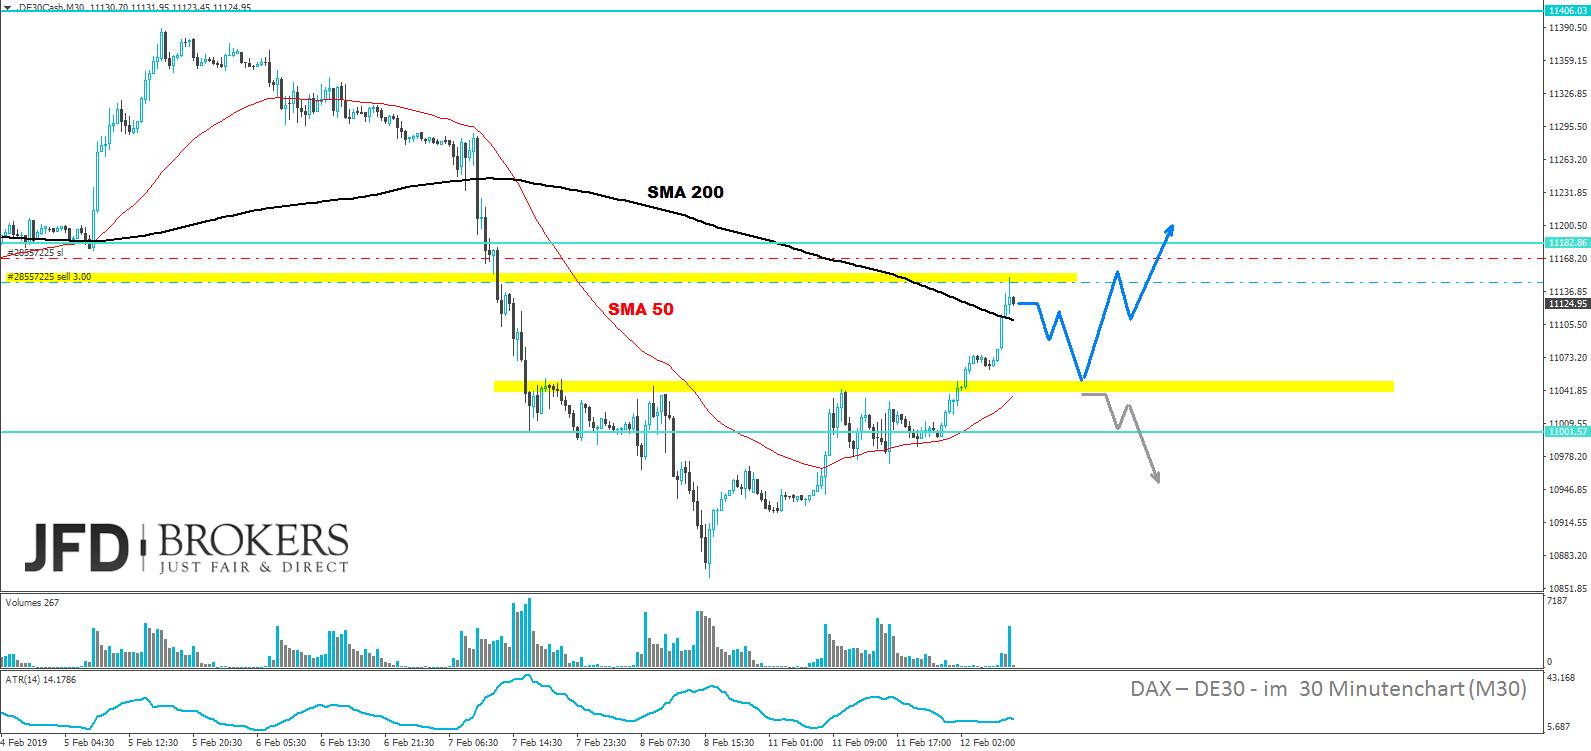 DAX-Heute-kaufen-oder-abwarten-Kommentar-JFD-Brokers-GodmodeTrader.de-2